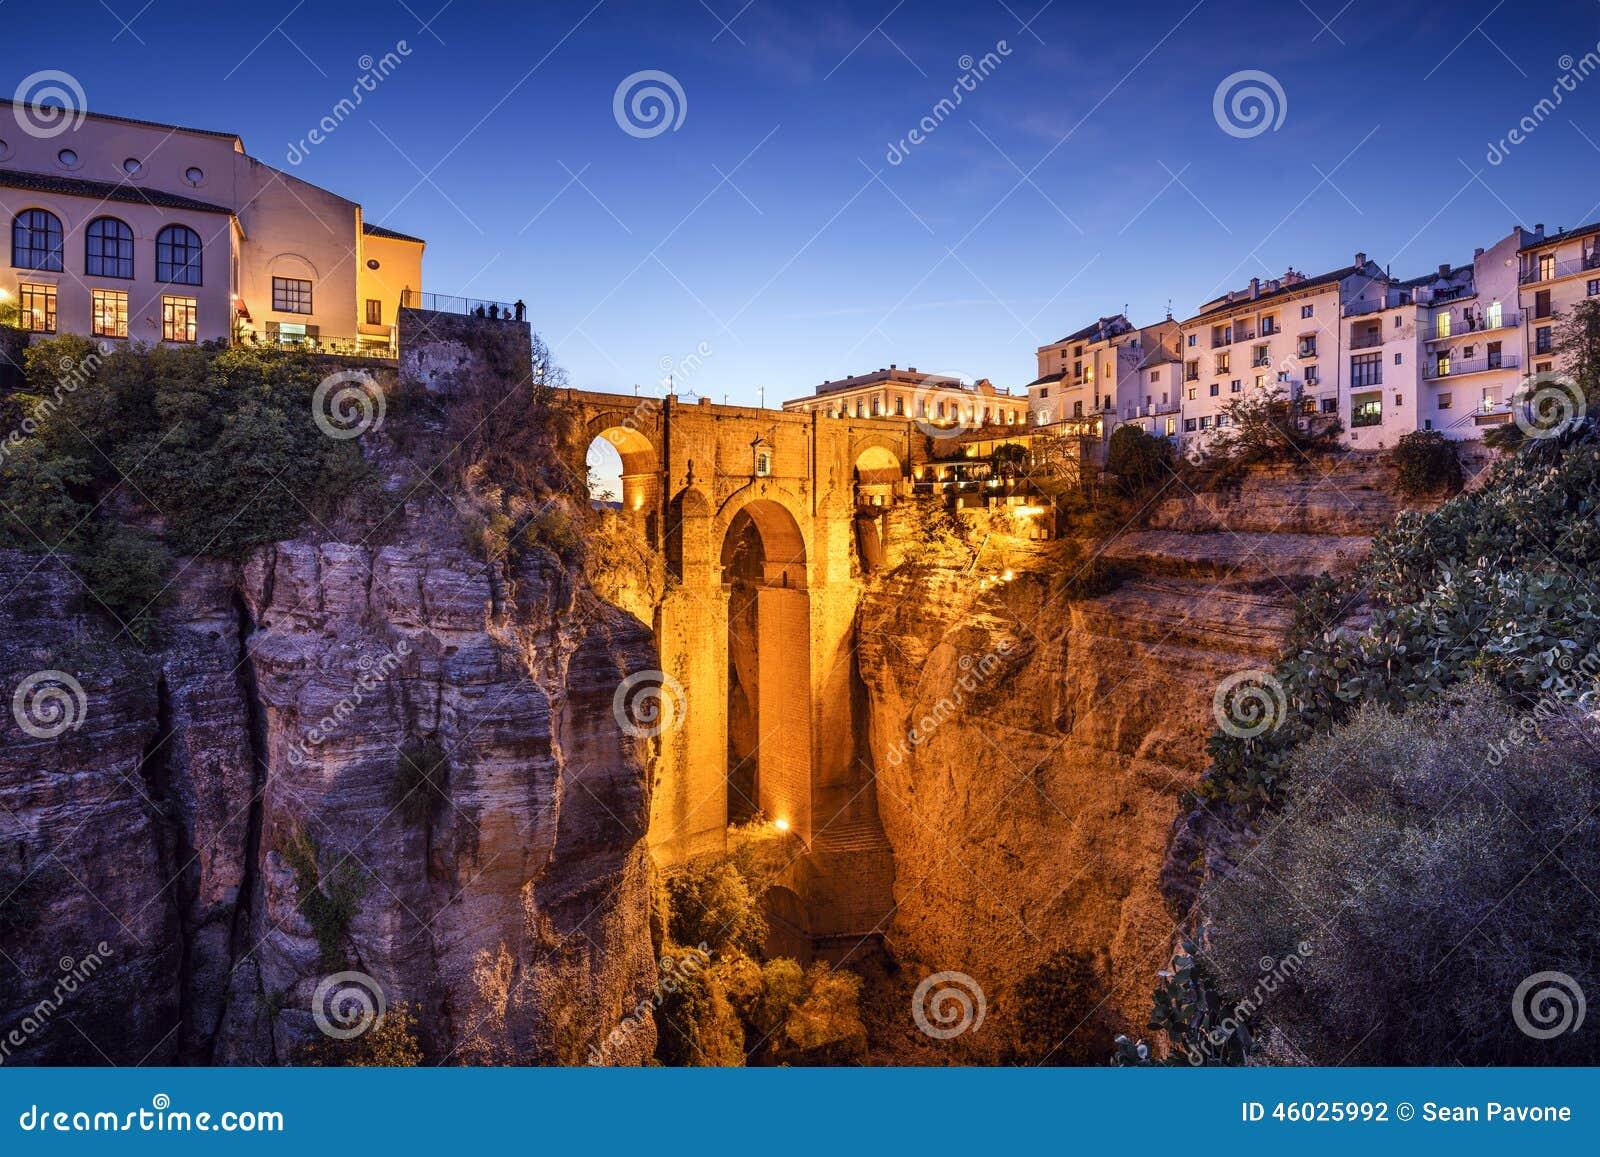 Download Ronda, Spain At Puento Nuevo Bridge Stock Photo - Image of nuevo, historic: 46025992